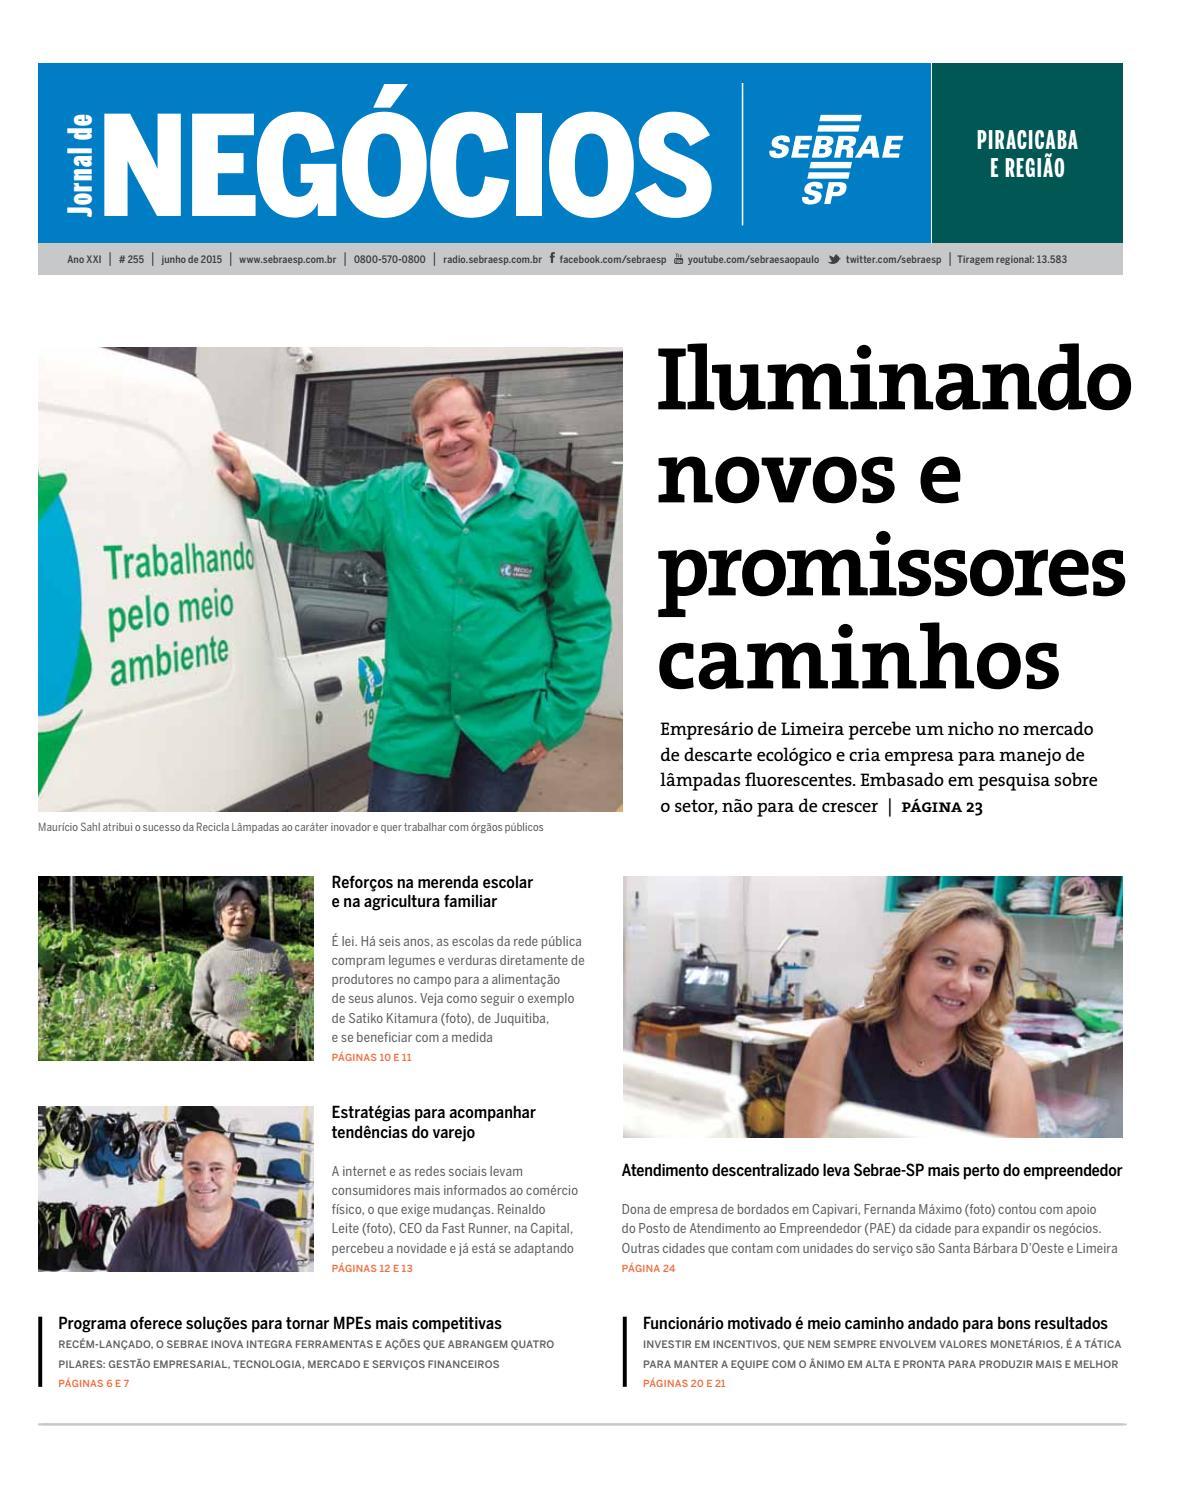 d122f427832 Jornal de Negócios Sebrae-SP - 01 de junho de 2015 - Piracicaba e Região by  Sebrae-SP - issuu